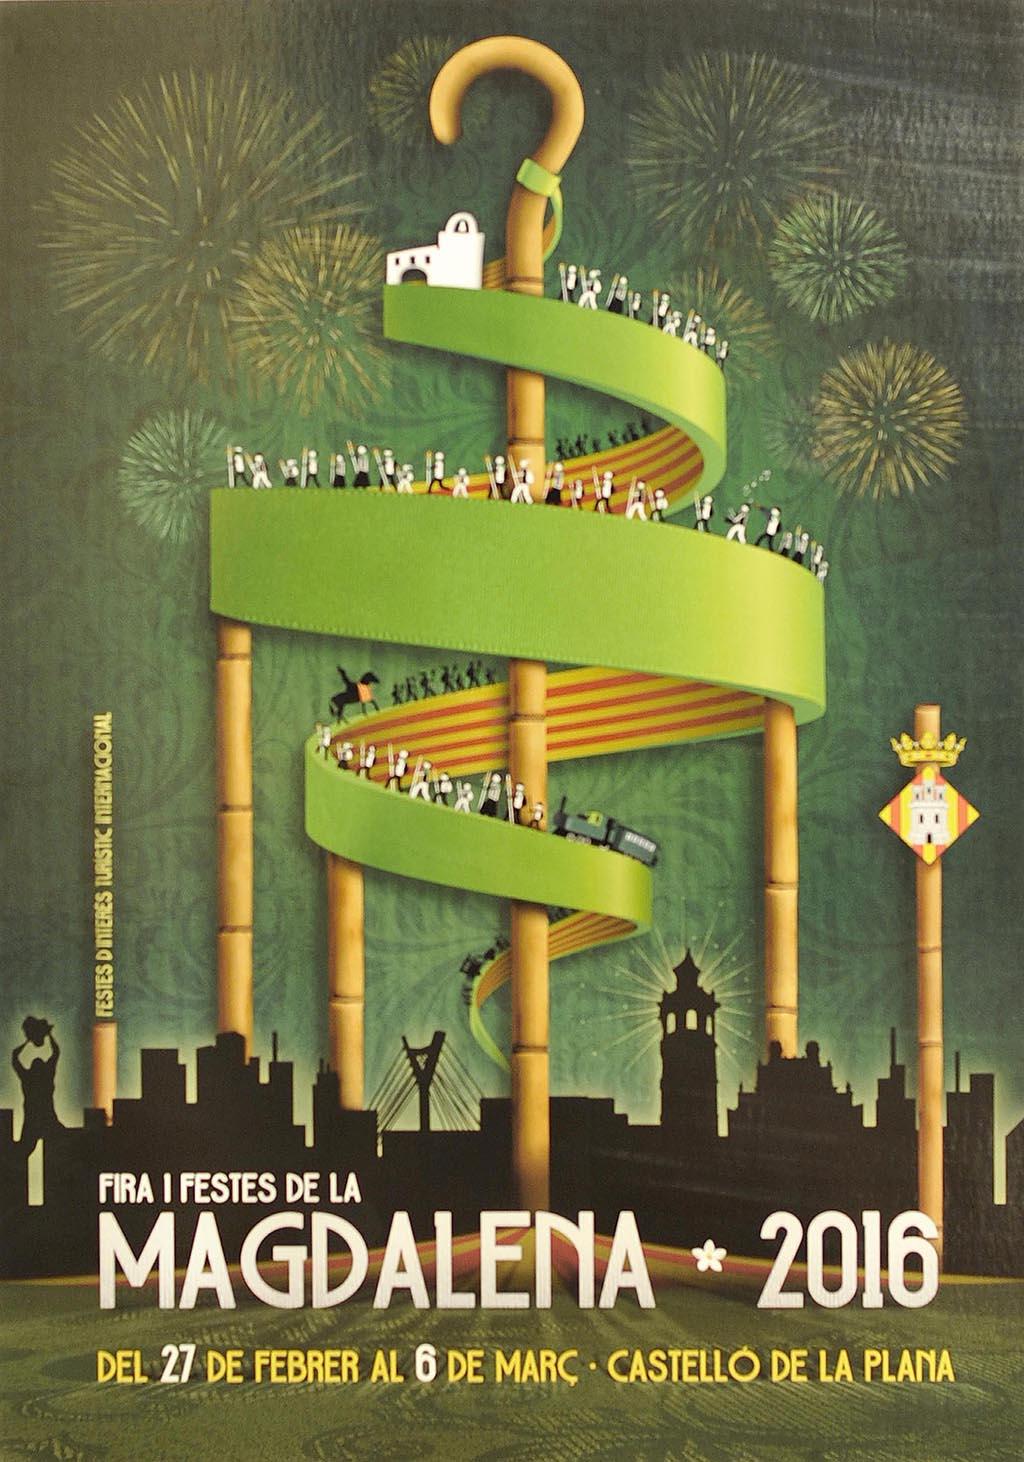 Cartel Fiestas de la Magdalena 2016